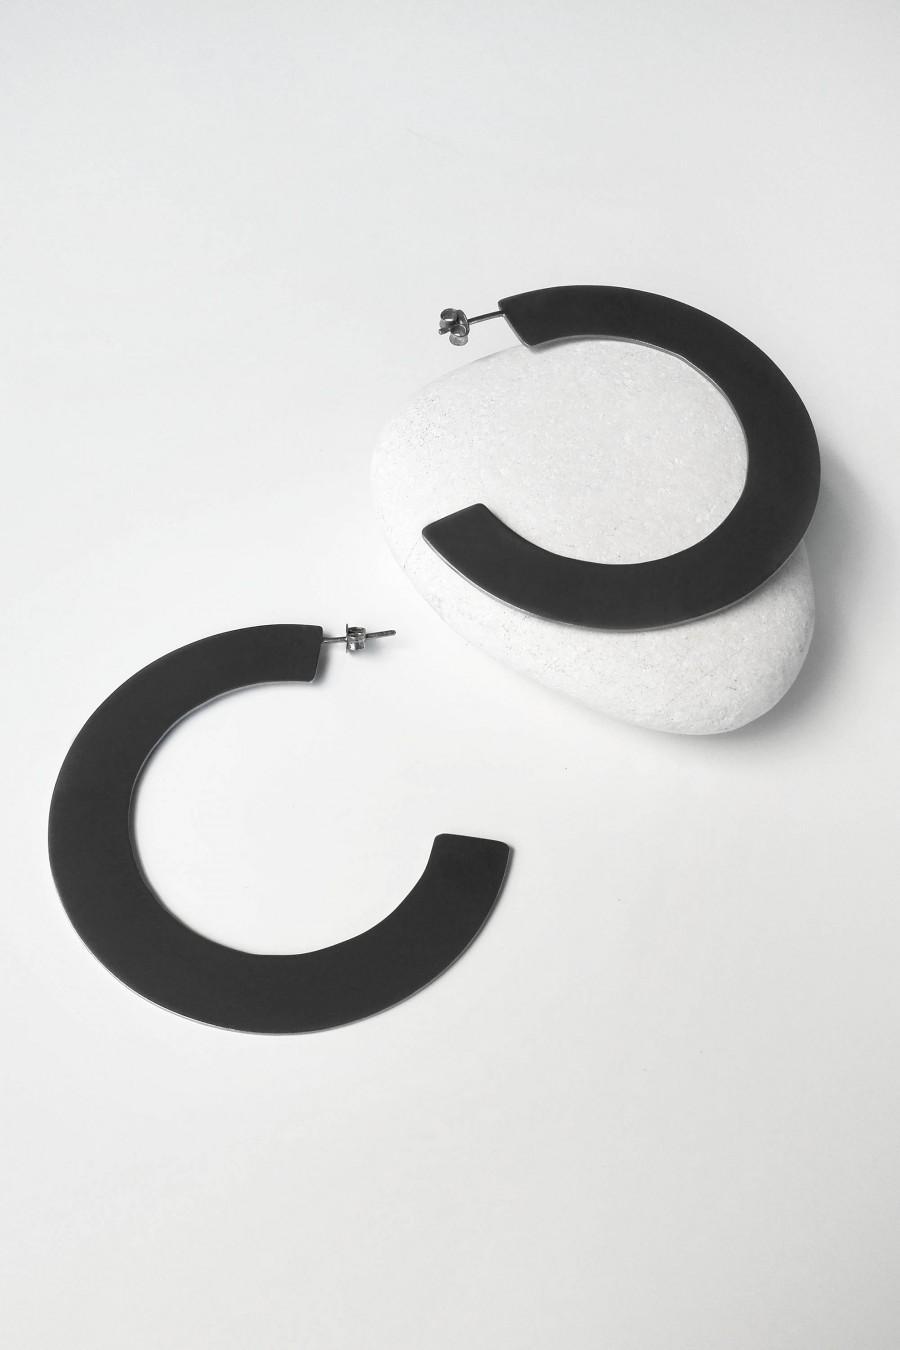 Mariage - Large Hoop Earrings, Minimalist Hoop Earrings, Black Platinum Hoop Earrings,Thick Hoop Earrings,Geometric Earrings, Open Hoop Earrings